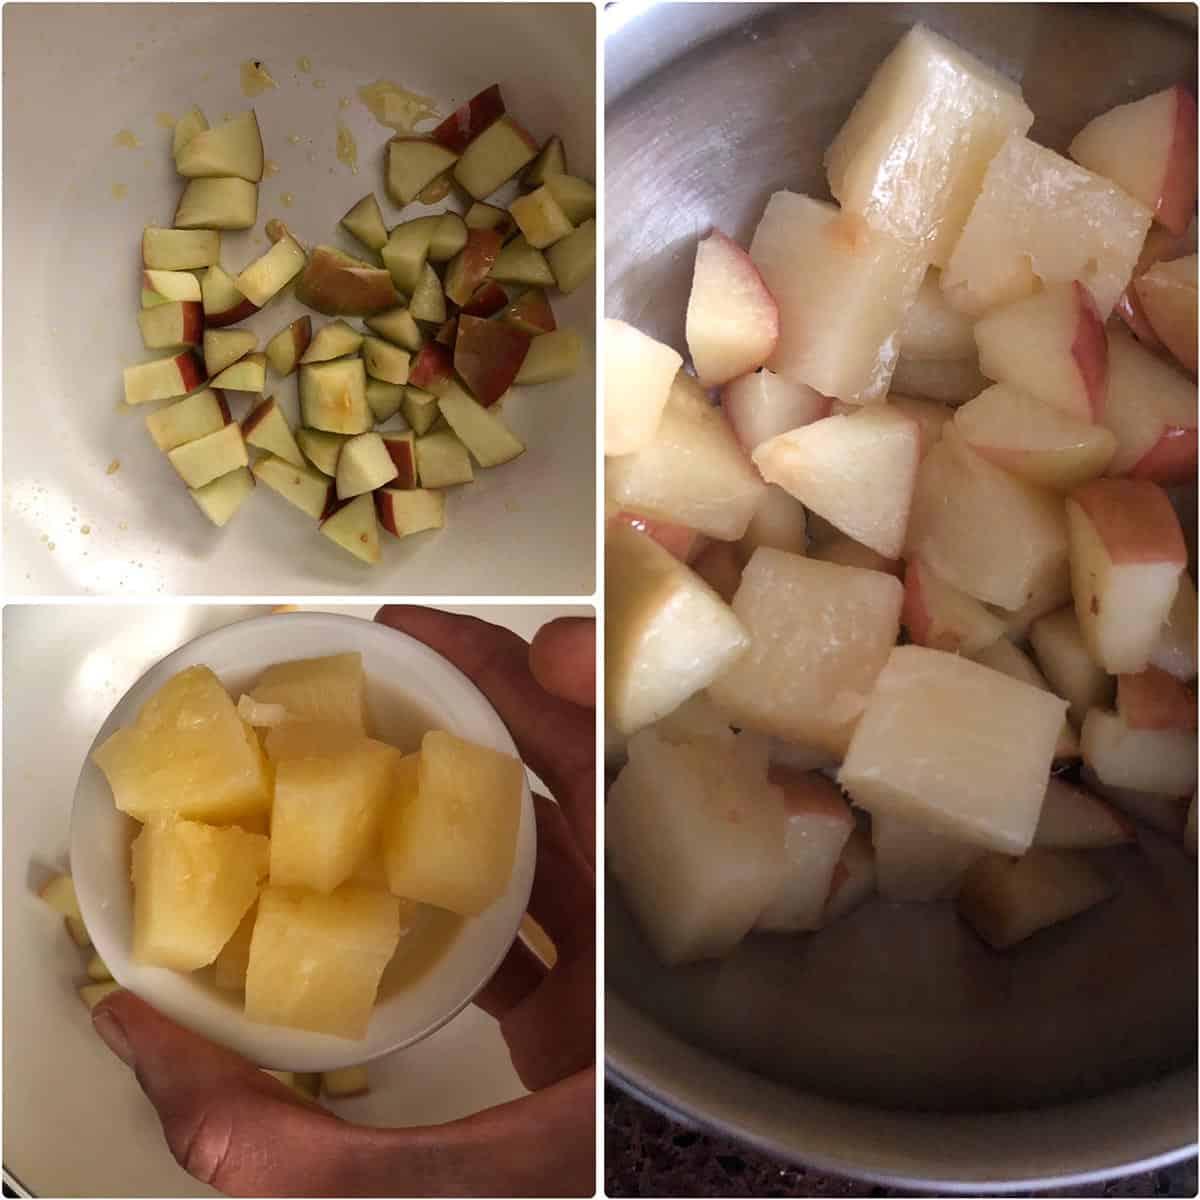 Sautéed apple and pineapple